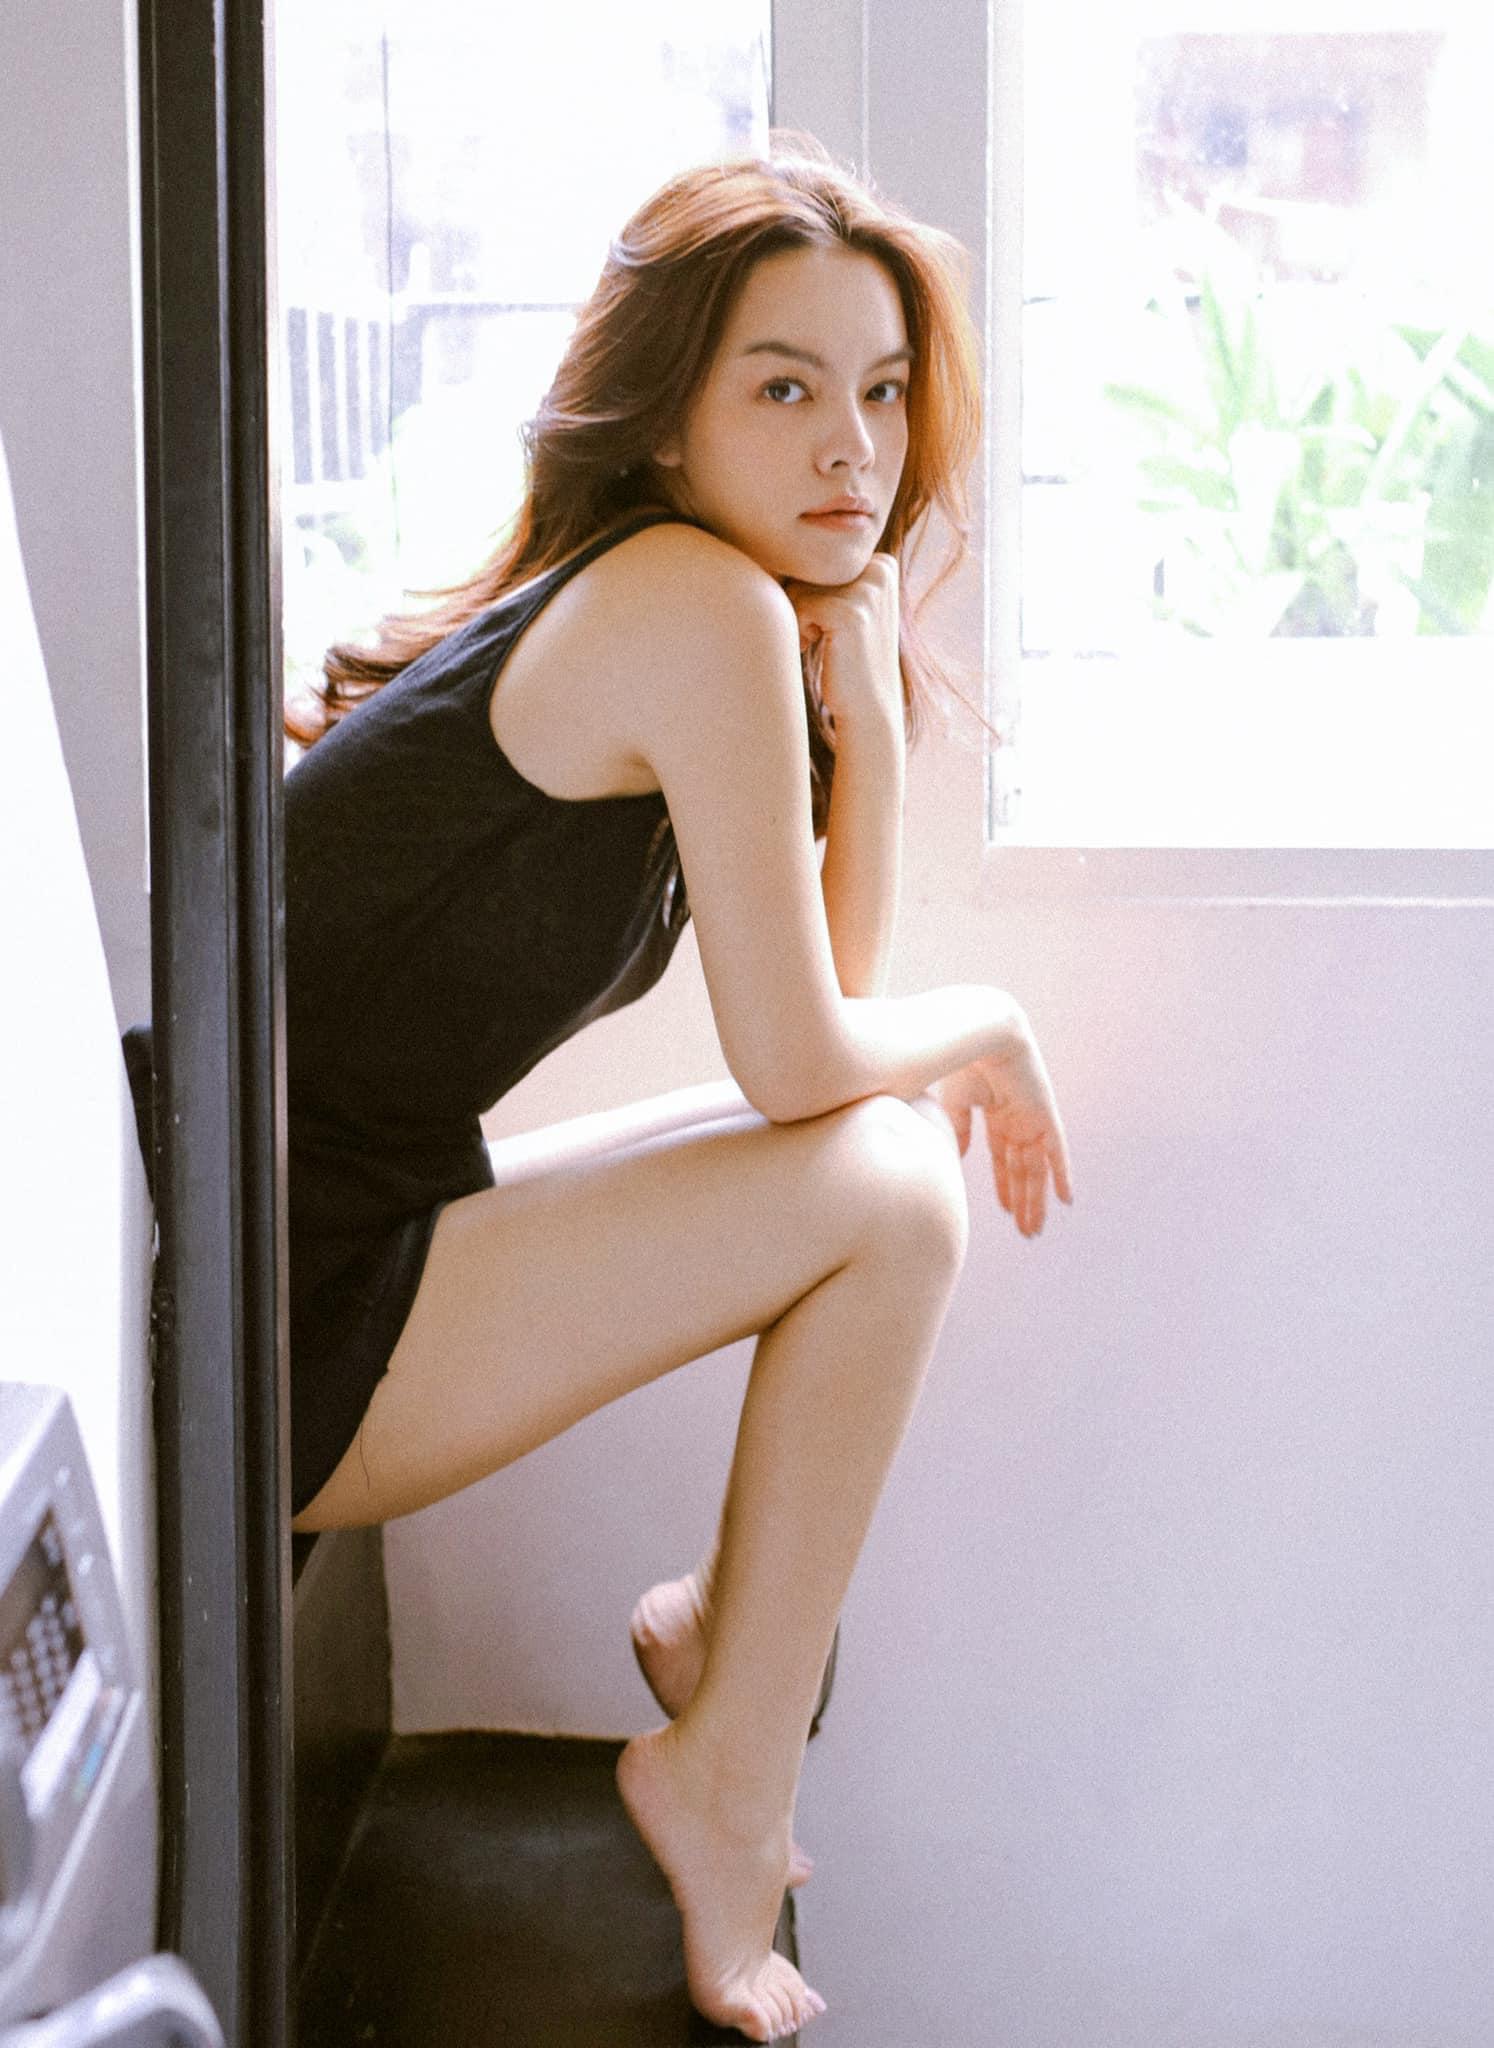 Dù sức khỏe không ổn nhưng nhan sắc hiện tại của Phạm Quỳnh Anh thật sự gây bất ngờ-5